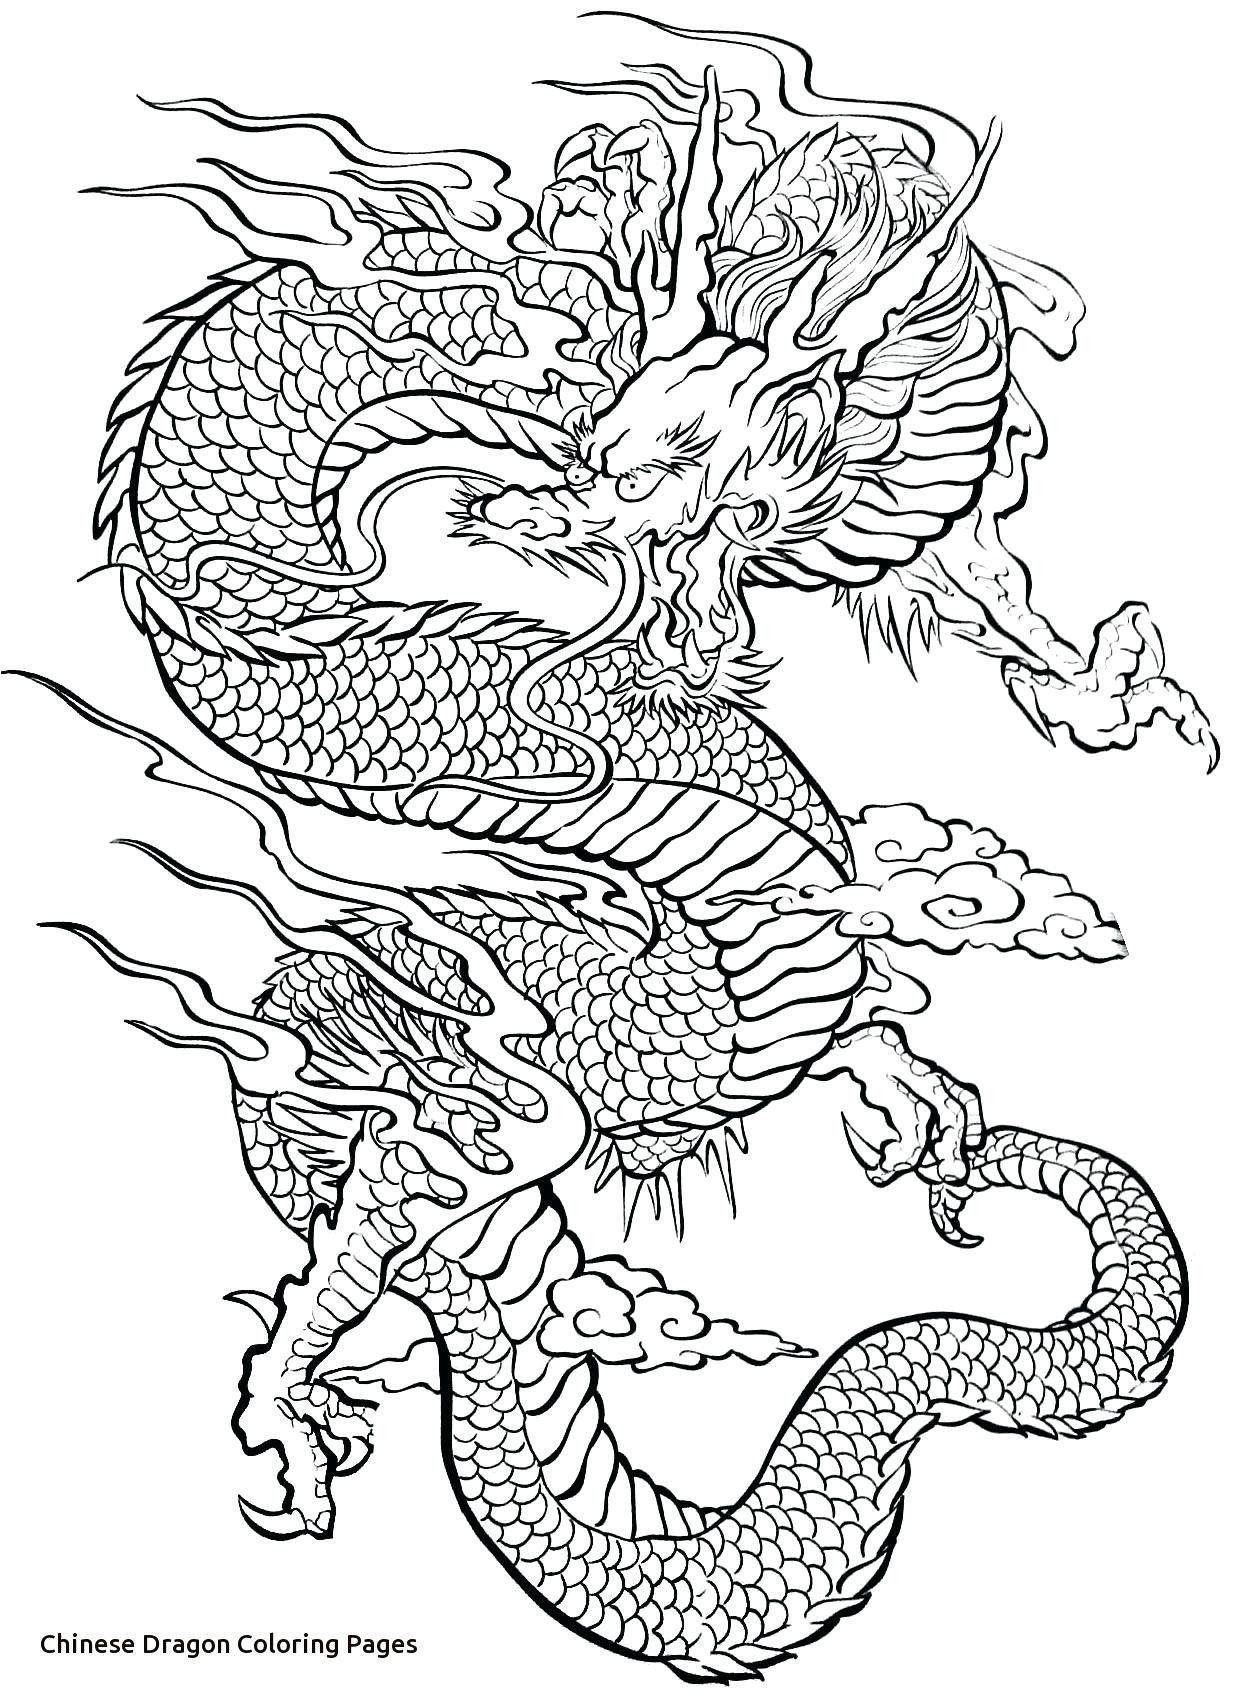 Chinesischer Drache Malvorlagen Inspirierende Sammlung Chinesischer Drache Malvo Ch Asiatischer Drachen Tattoo Japanische Drachen Tattoos Tattoos Drachen